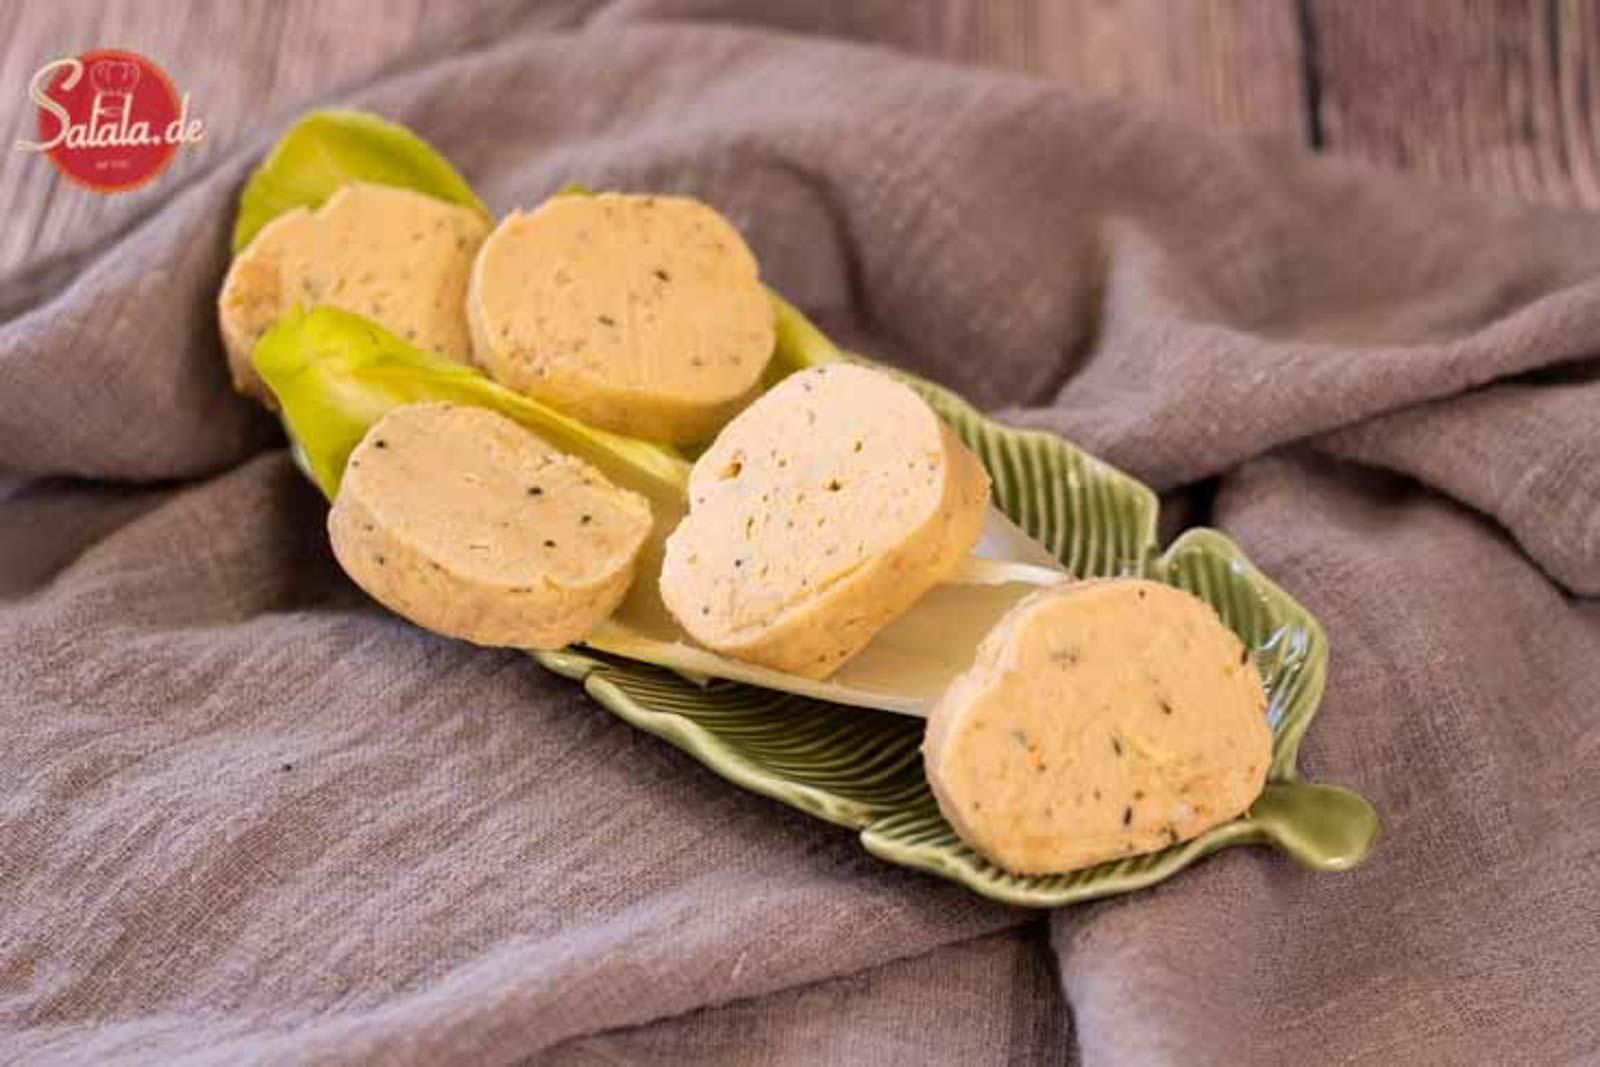 Lachs-Frischkäse Fat Bombs Rezept - by salala.de - Keto Fettbömbchen zum Auffüllen mi Frischkäse #lowcarb #keto #lowcarbrezepte #ketorezepte #fatbombs #lachs